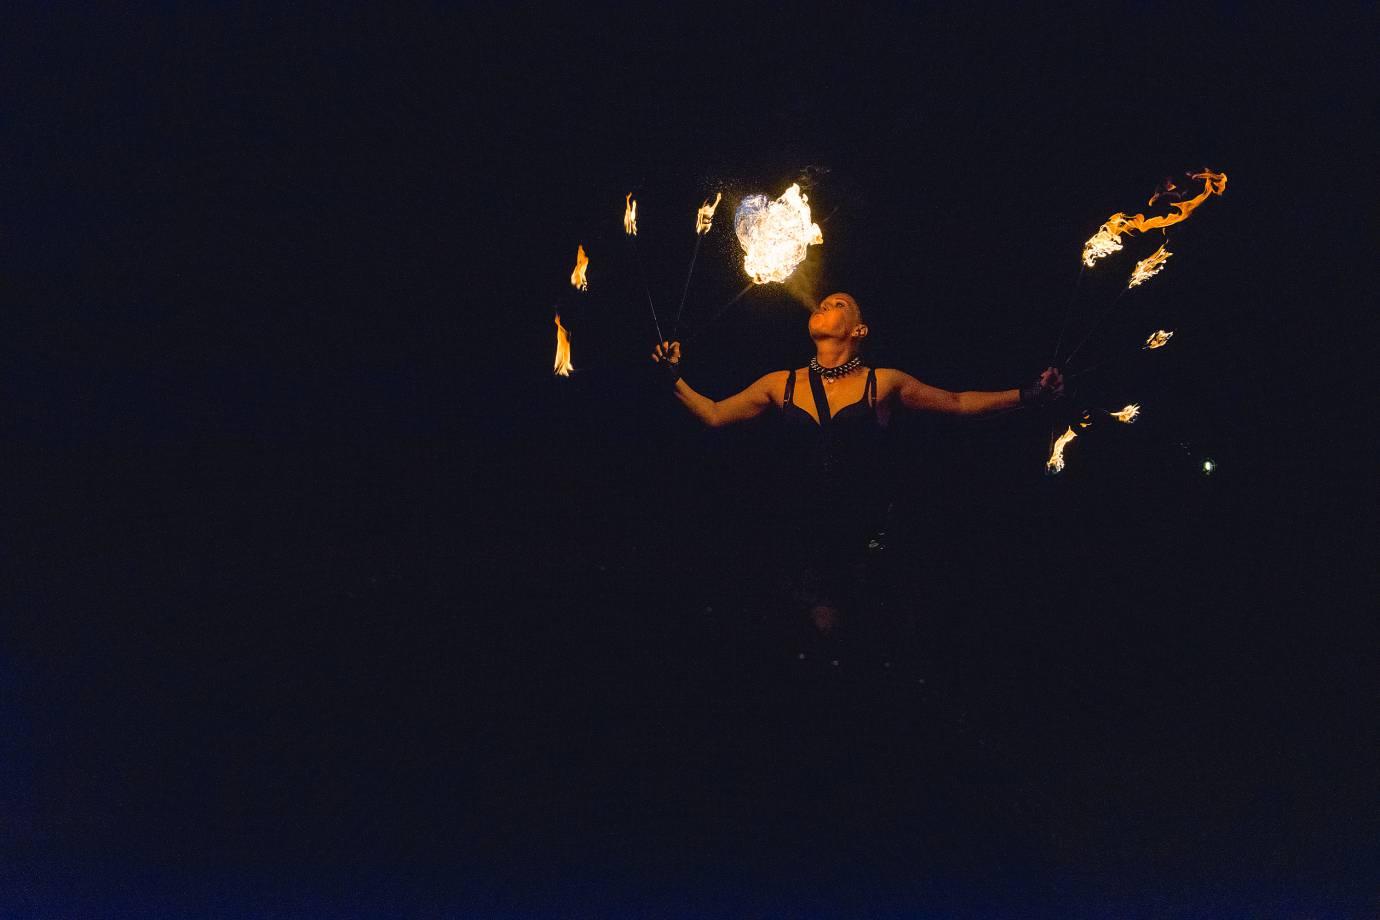 hochzeitsfotograf kirchseelte 205 - Sabrina+Lars